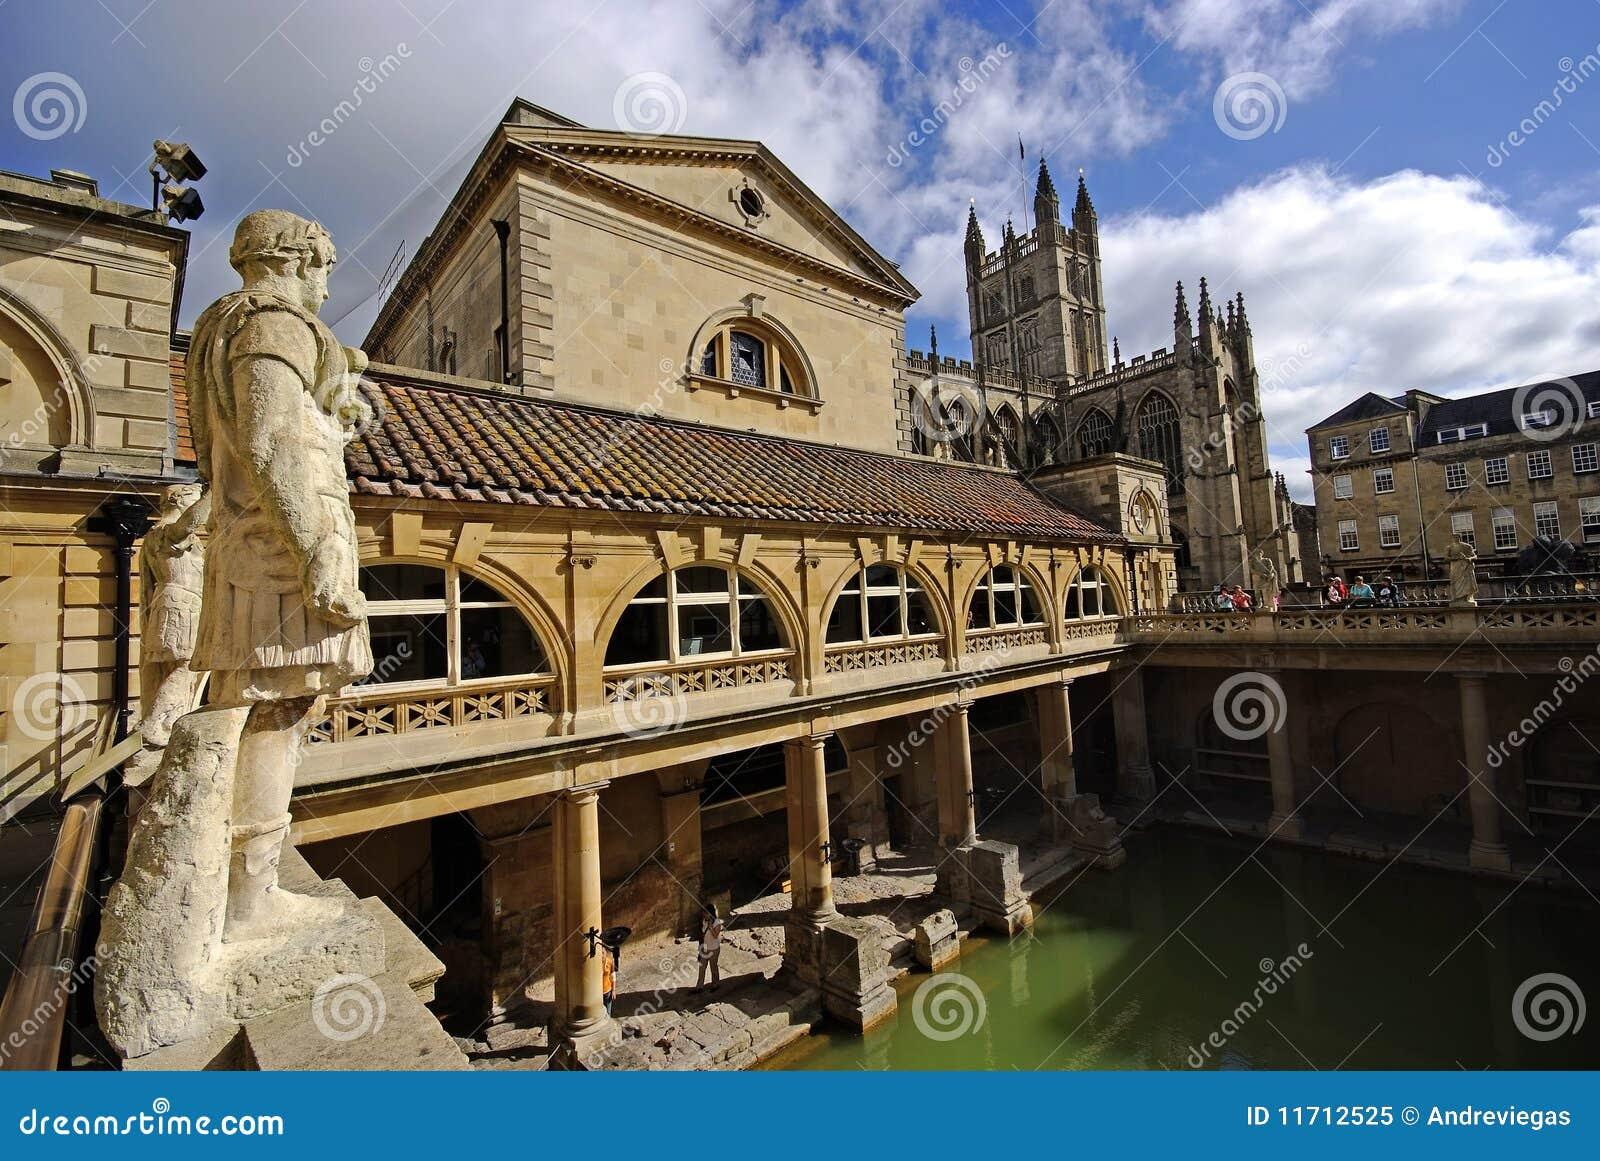 Baños Romanos Londres:Baños romanos, ciudad del baño, Reino Unido